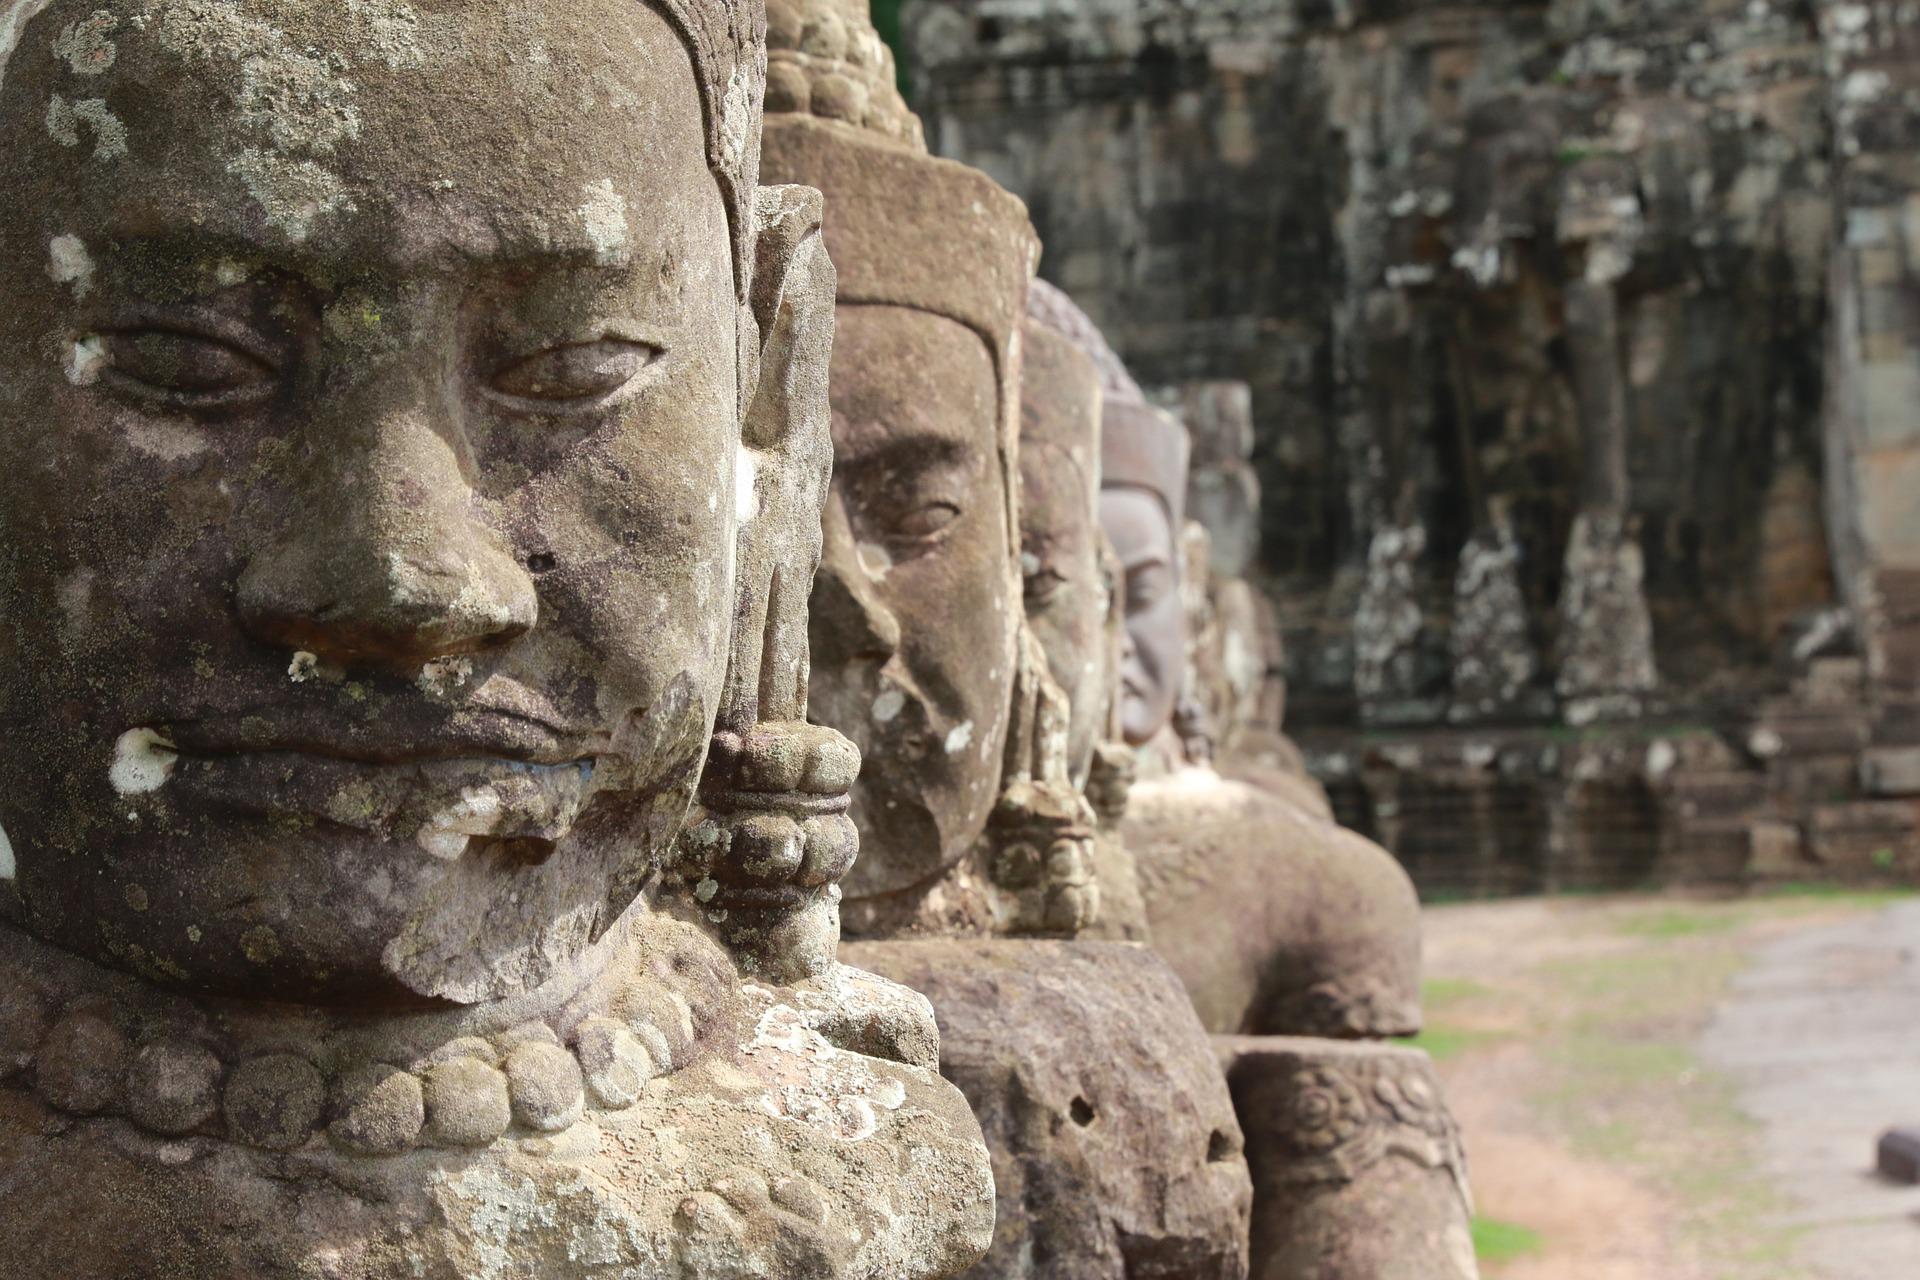 Cambodge, Angkor, sculpture, Temple, L'Asie - Fonds d'écran HD - Professor-falken.com